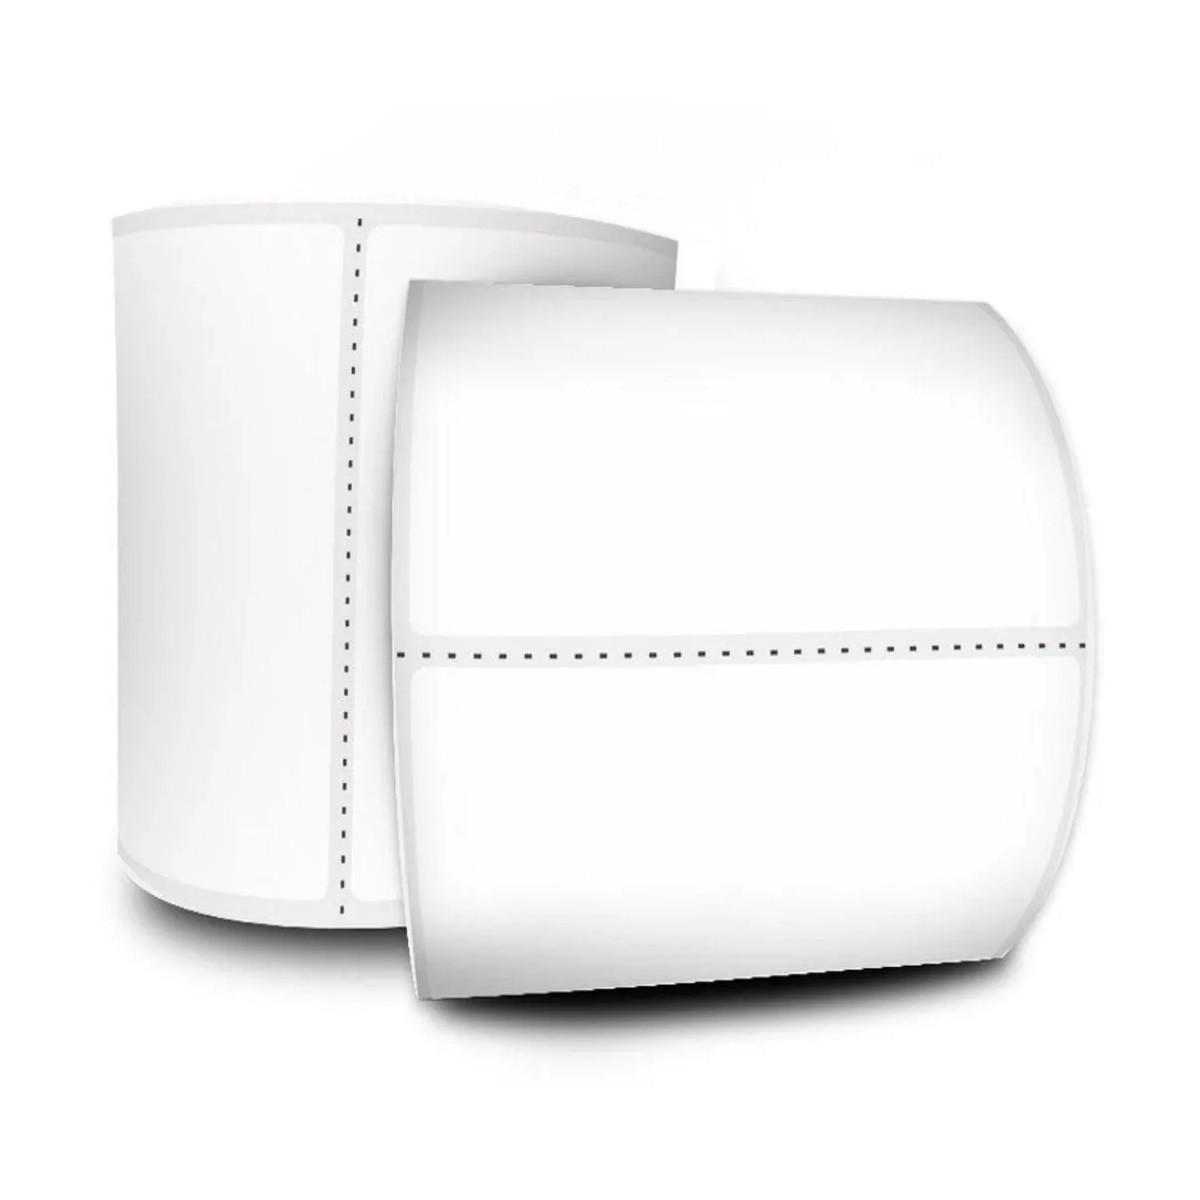 Etiqueta Branca Térmica com Adesivo Acrílico 100x150 250 etiquetas - P5181